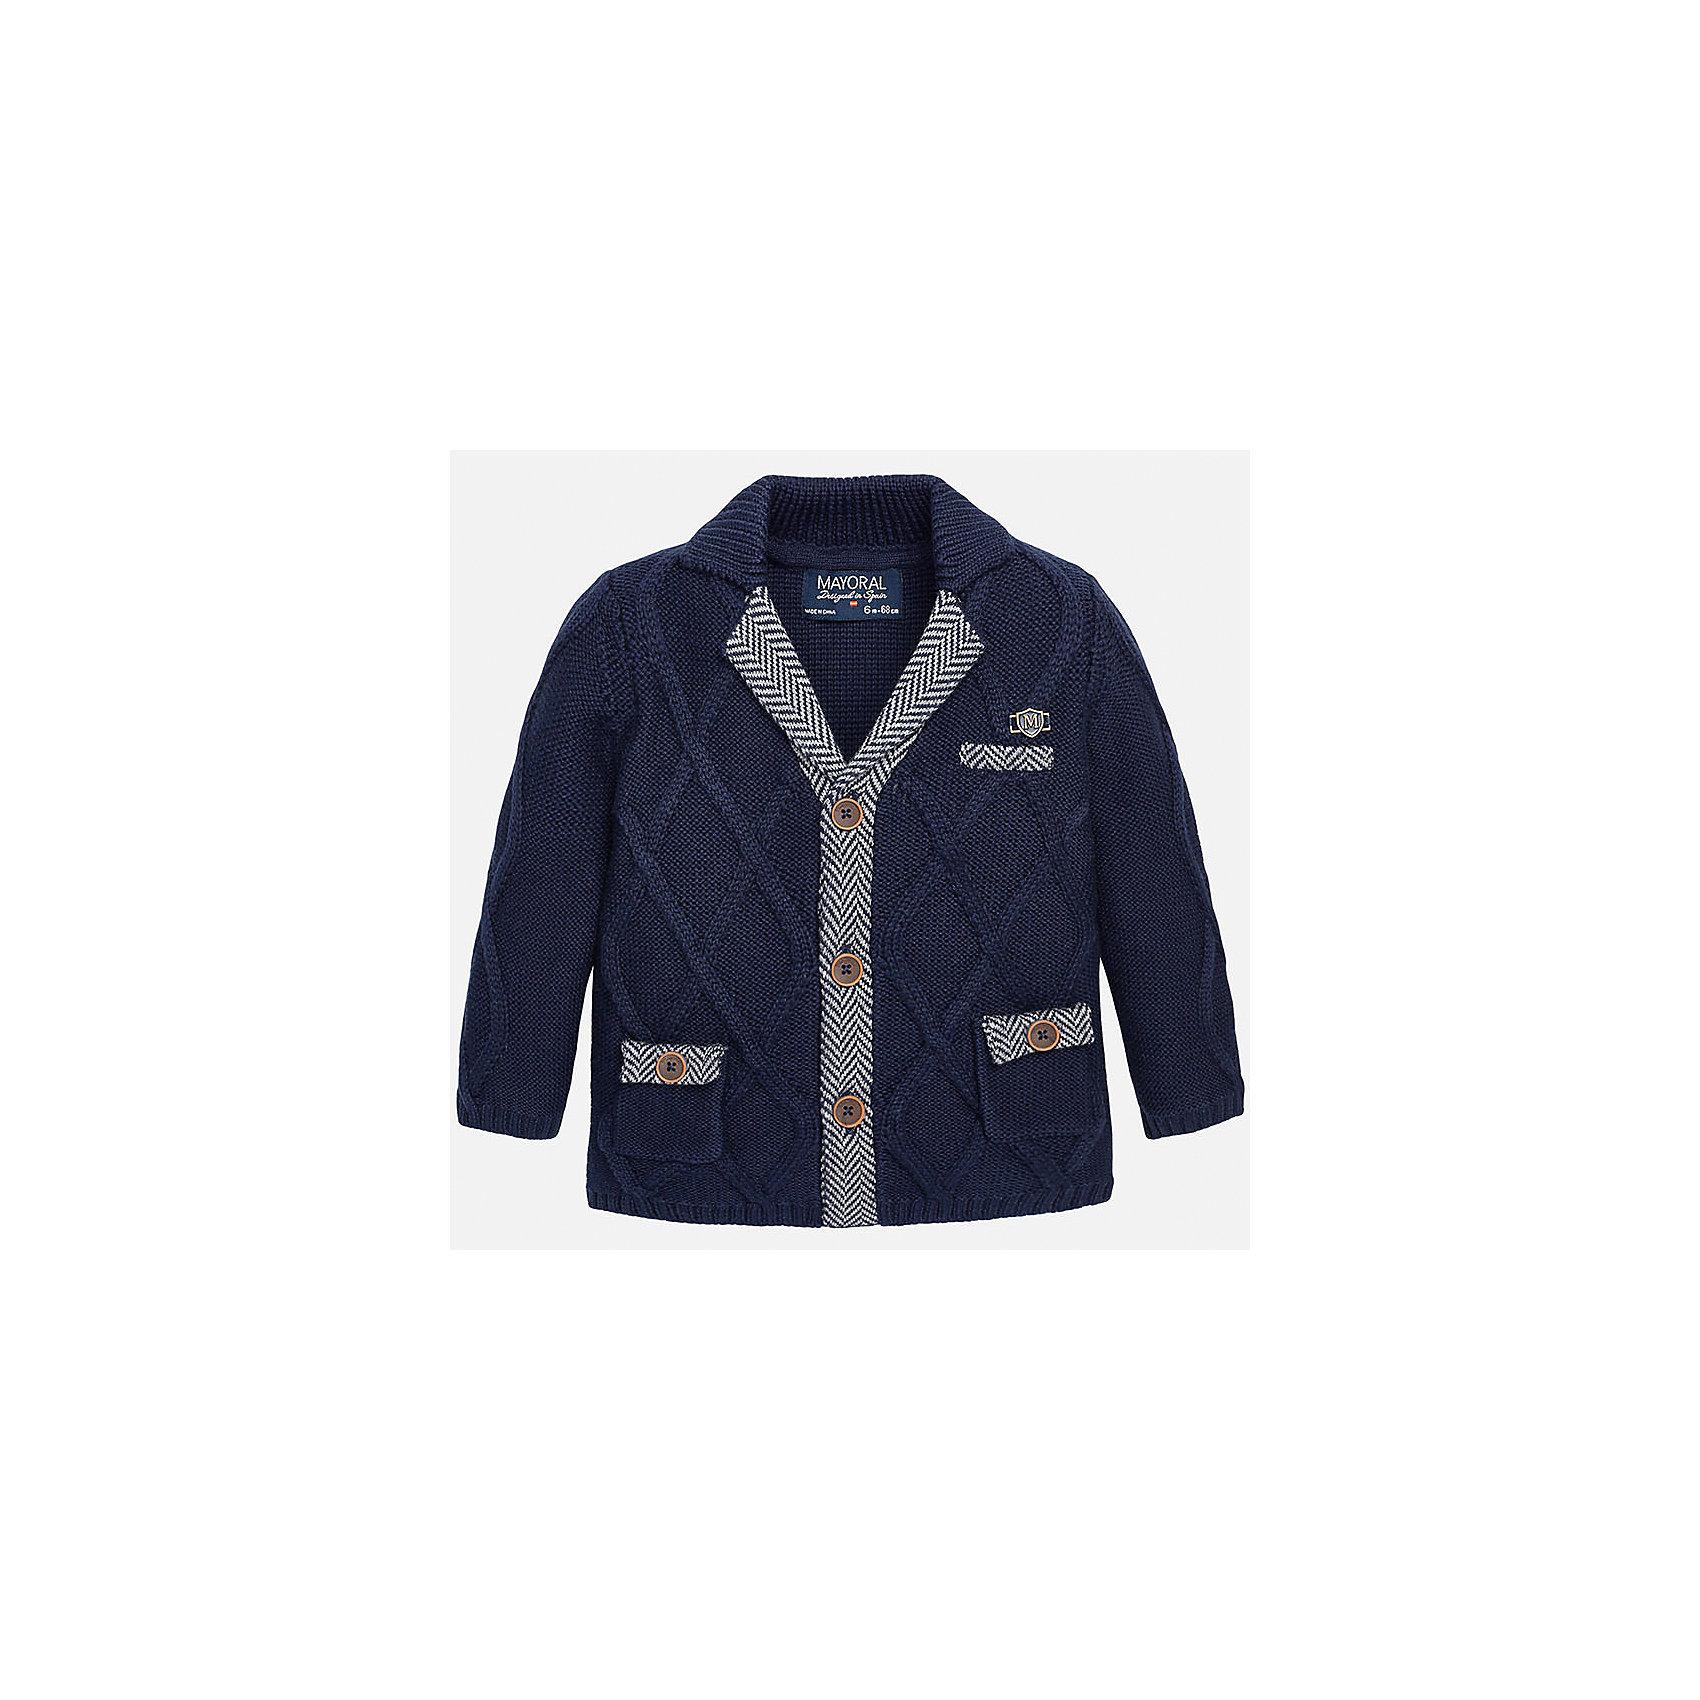 Пиджак для мальчика MayoralВязаный пиджак для мальчика от известного испанского бренда Mayoral. Пиджак застегивается на пуговицы, есть 3 декоративных кармана. Вязаный пиджак с оригинальным дизайном прекрасно подойдет для вашего ребенка.<br>Дополнительная информация:<br>-прямой силуэт<br>-длинные рукава<br>-застегивается на пуговицы<br>-3 декоративных кармана<br>-цвет: синий<br>-эмблема фирмы на груди<br>-состав: 50% хлопок, 50% акрил<br>Пиджак Mayoral можно приобрести в нашем интернет-магазине.<br><br>Ширина мм: 356<br>Глубина мм: 10<br>Высота мм: 245<br>Вес г: 519<br>Цвет: синий<br>Возраст от месяцев: 12<br>Возраст до месяцев: 18<br>Пол: Мужской<br>Возраст: Детский<br>Размер: 86,80,92<br>SKU: 4820659